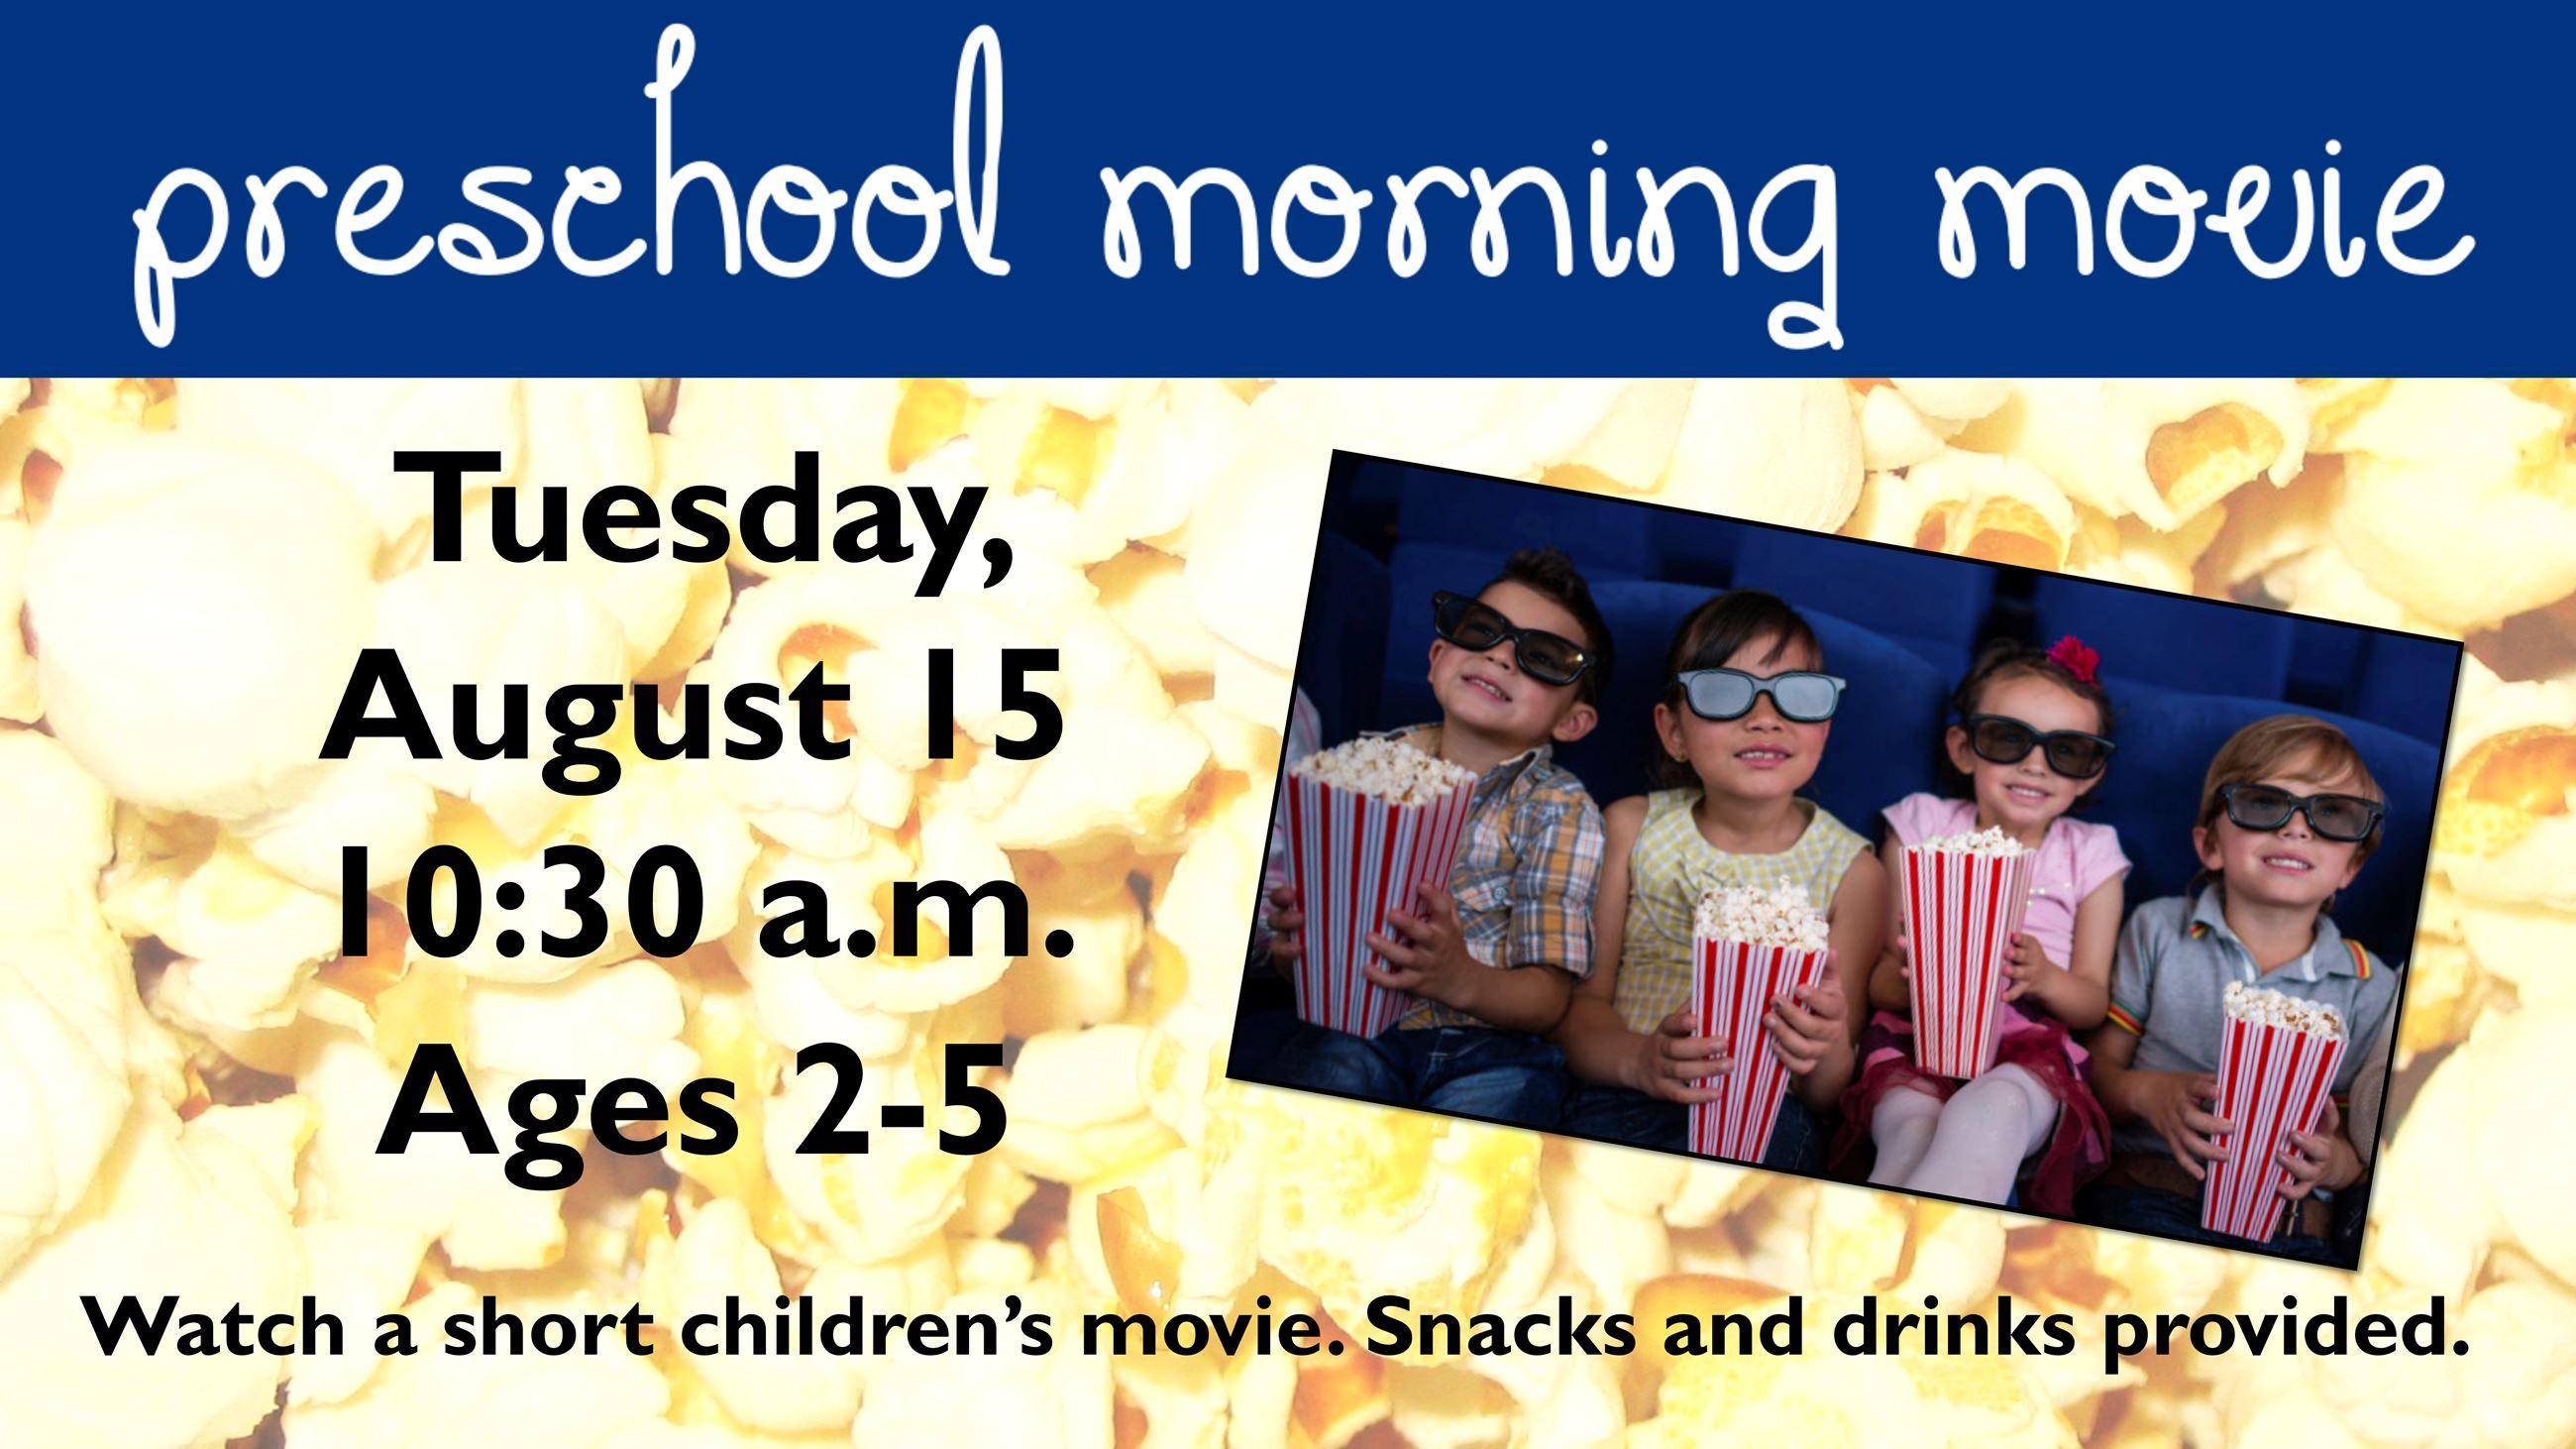 Preschool Morning Movie